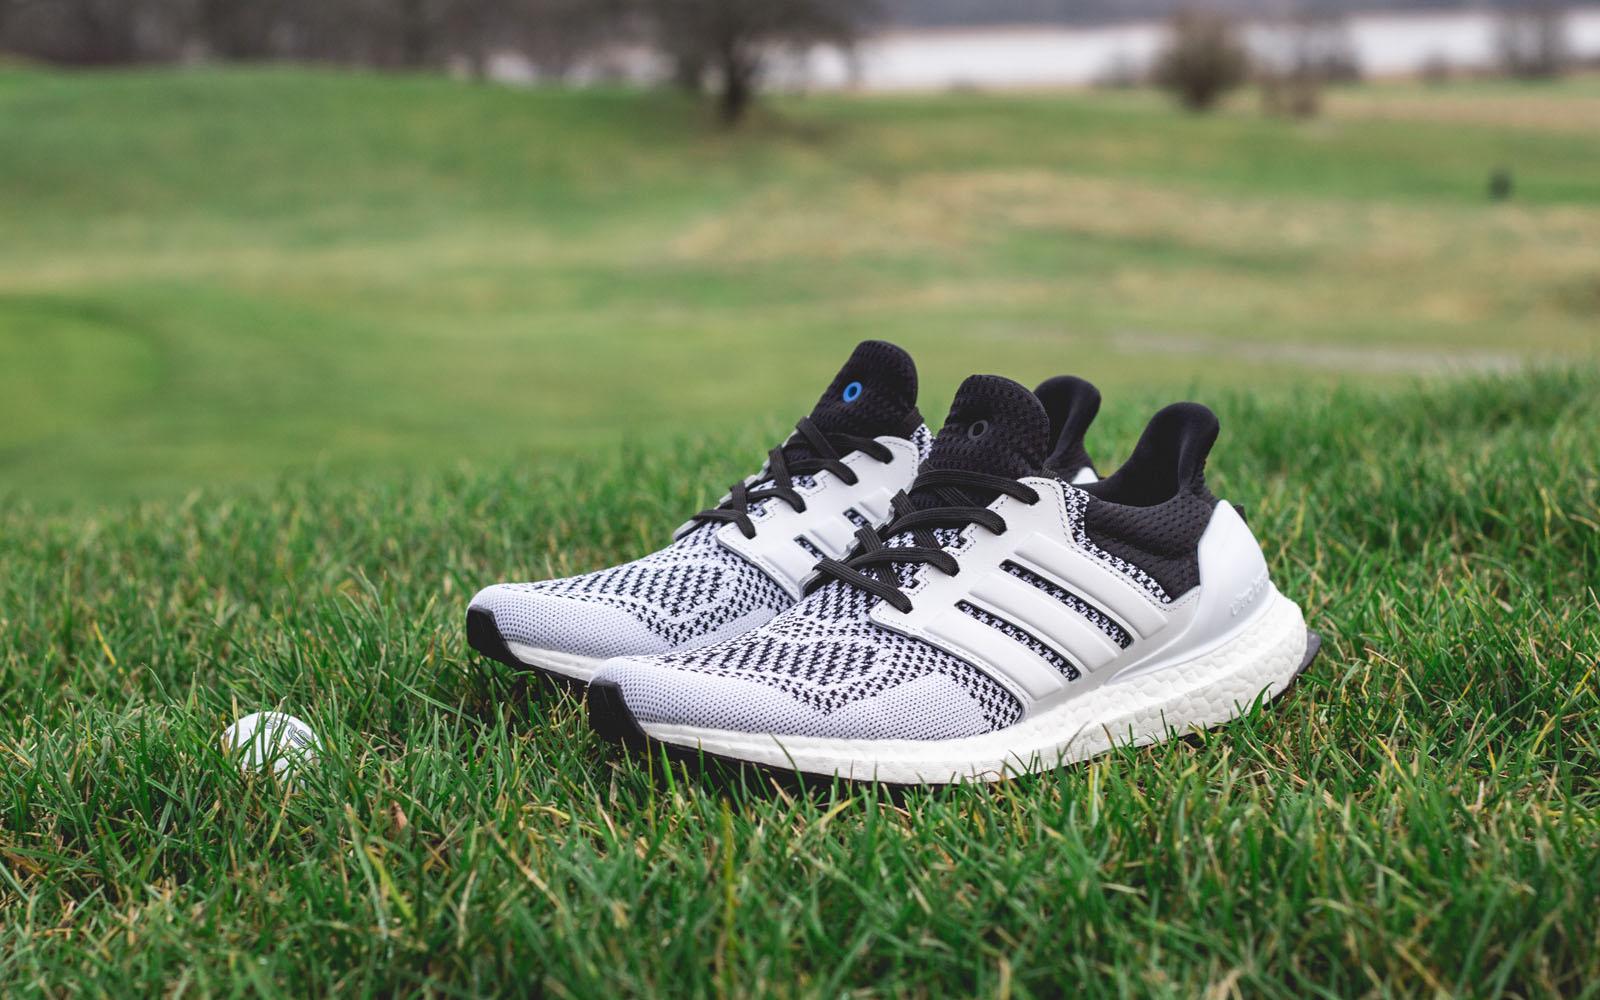 ultra boost golf